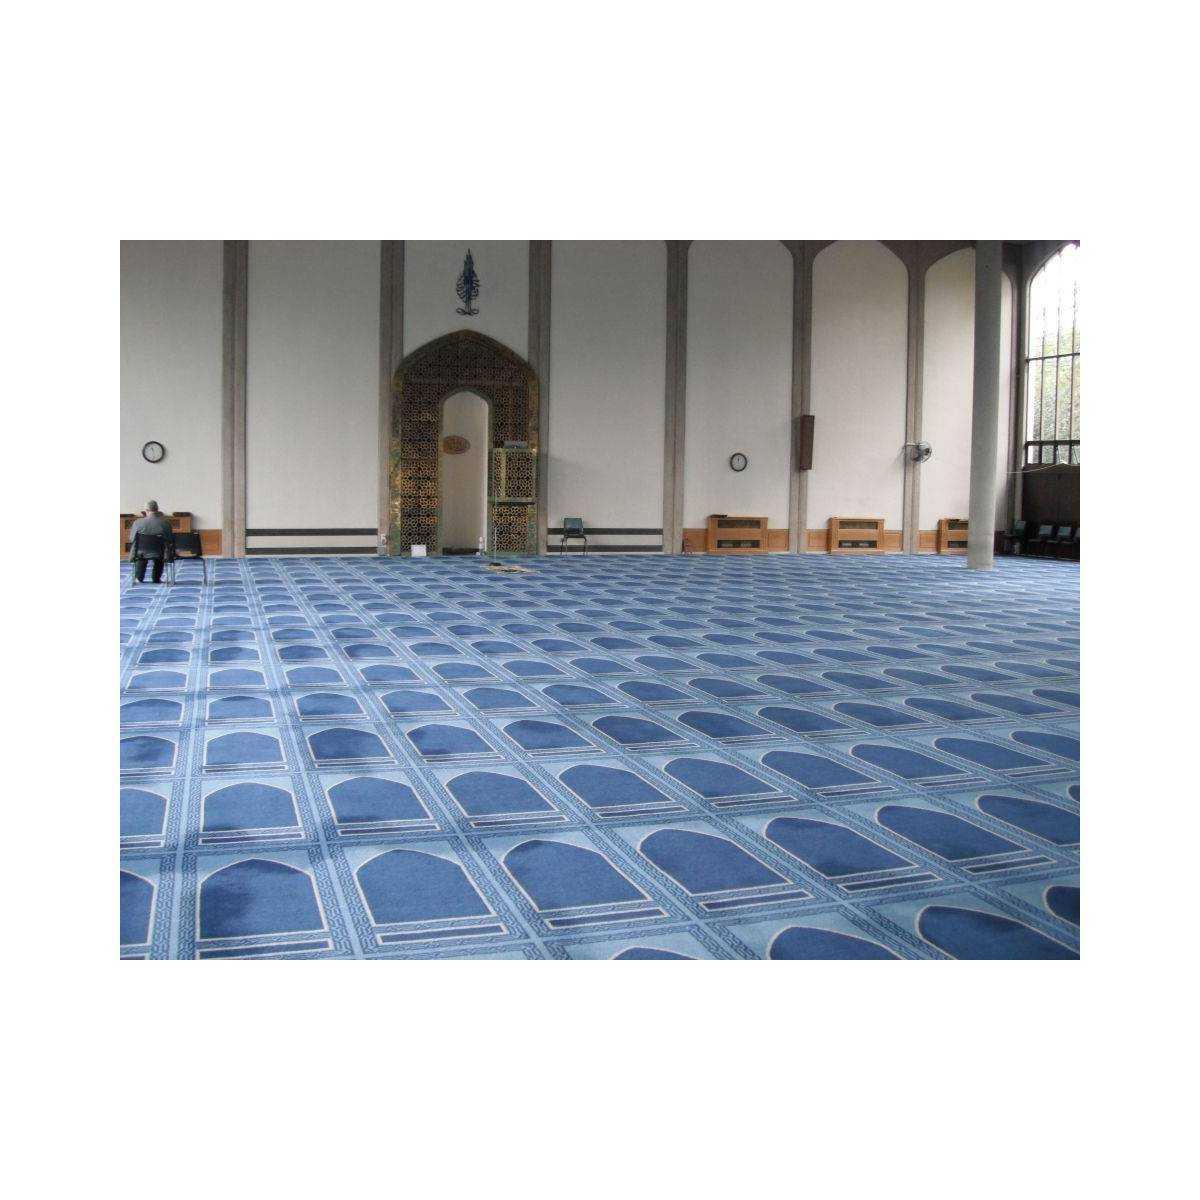 Ковры для мечетий carpet-mechet.08 HASKUL HALI